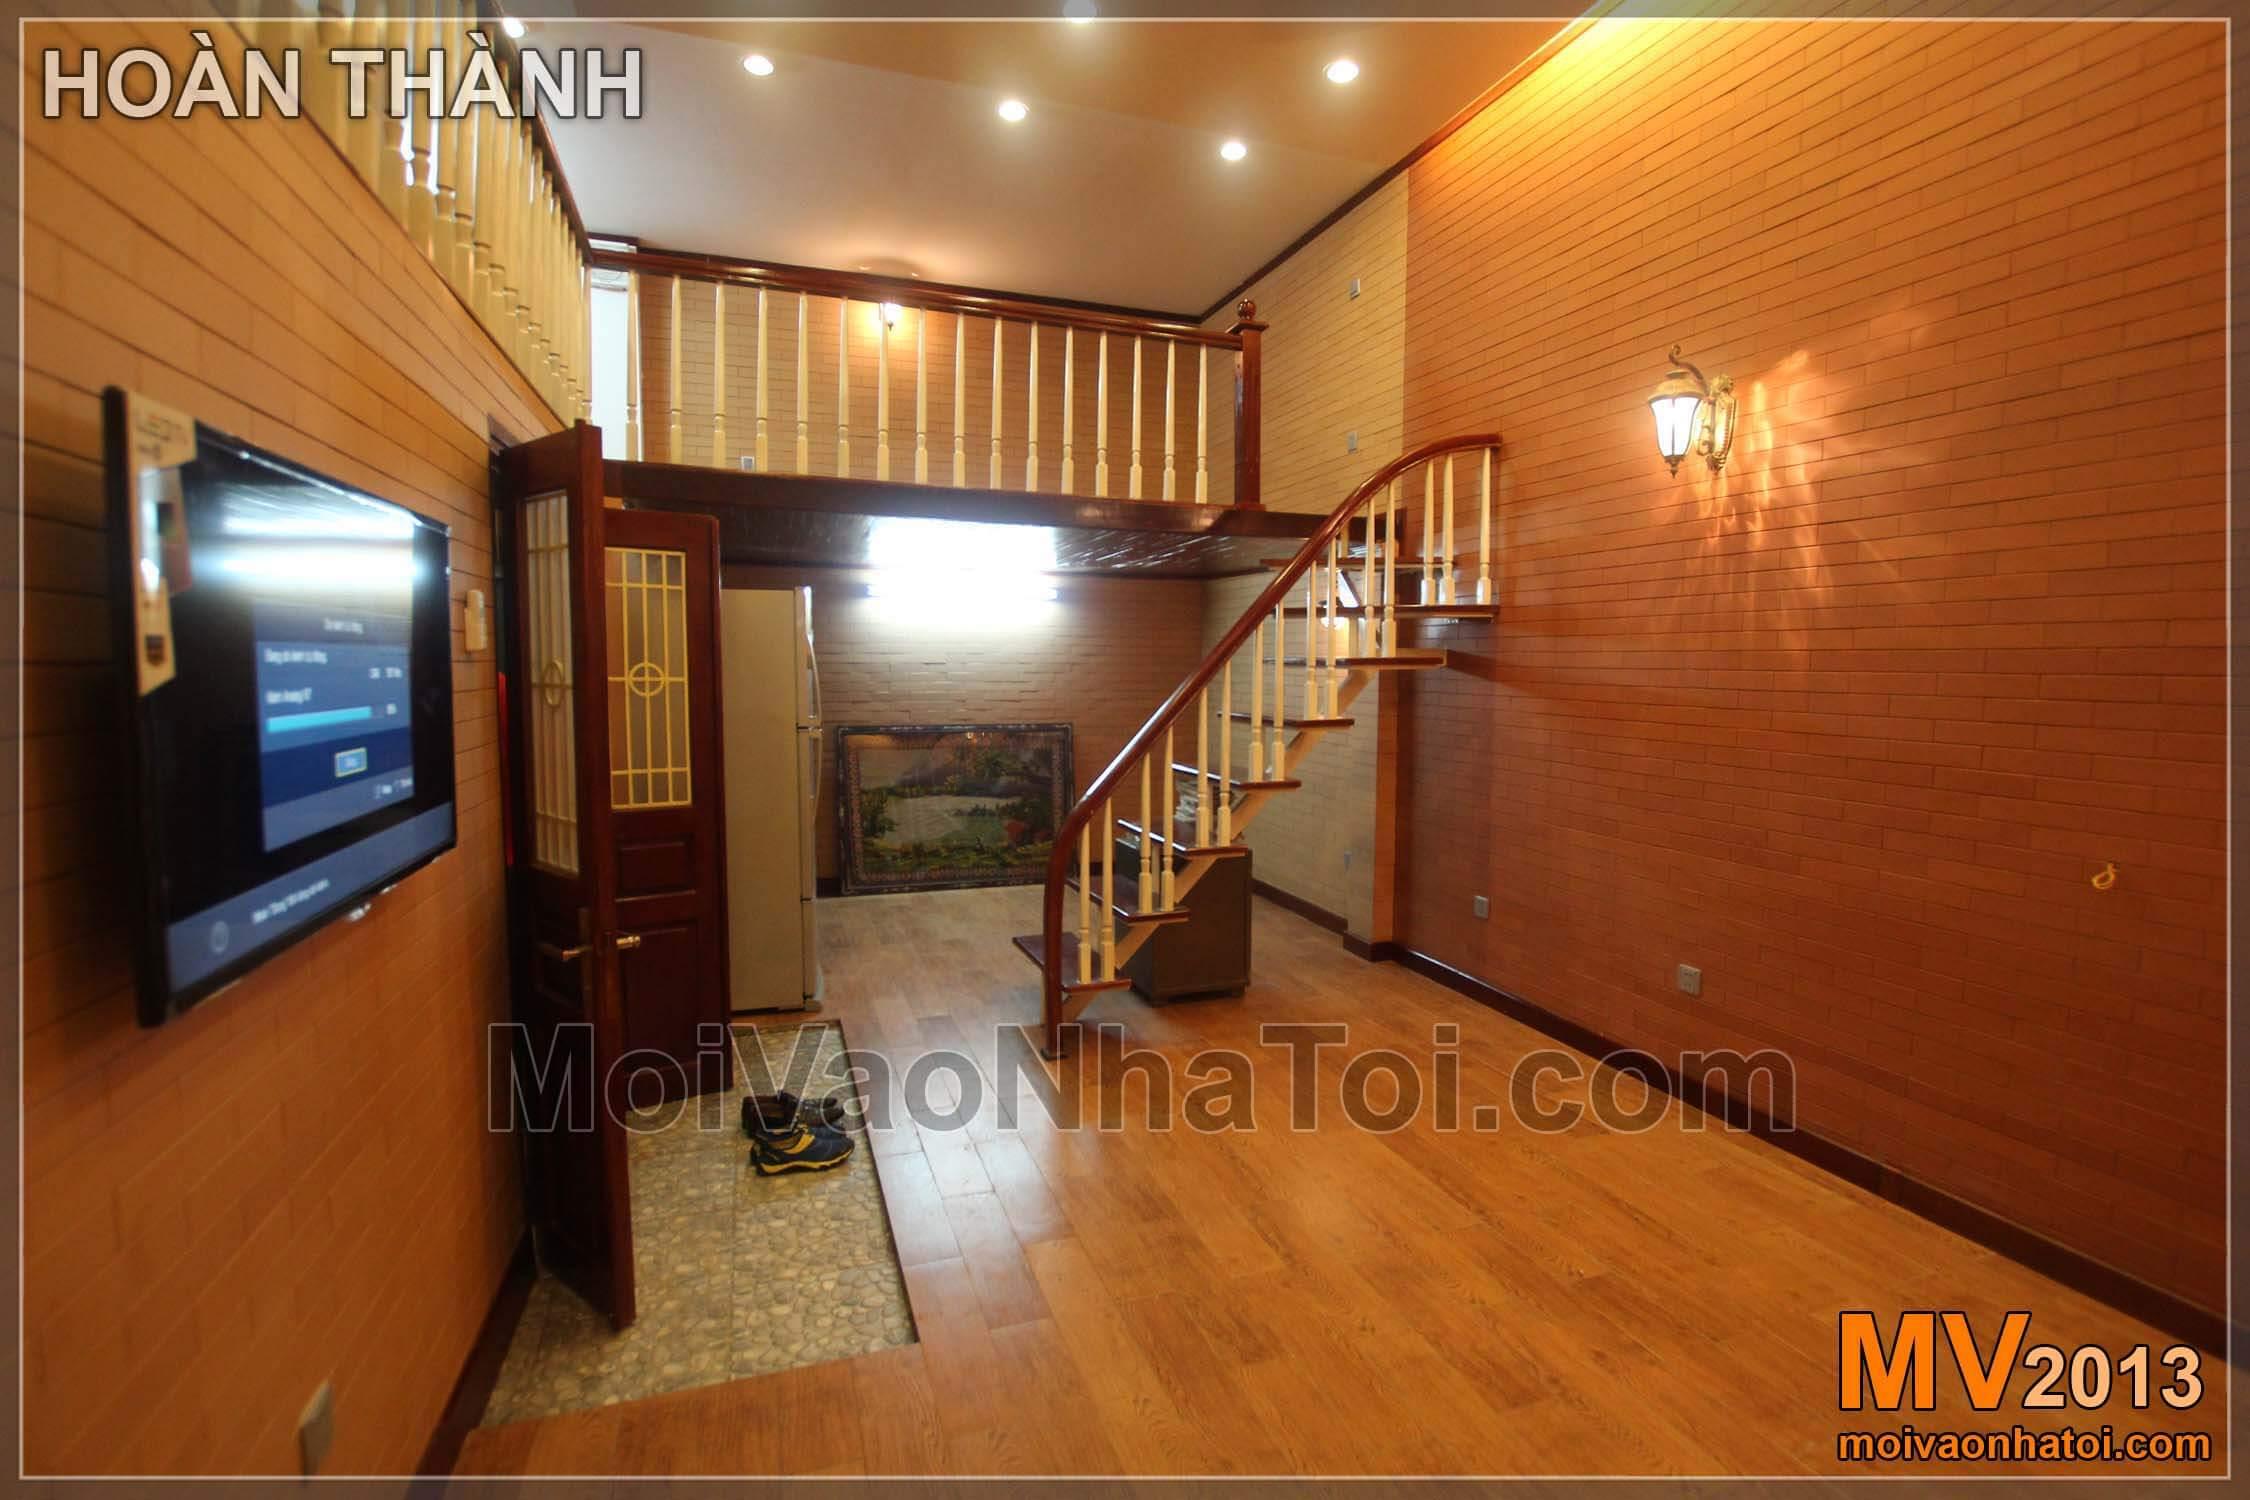 Nội thất ngôi nhà sau khi hoàn thành - thay đổi hoàn toàn khác